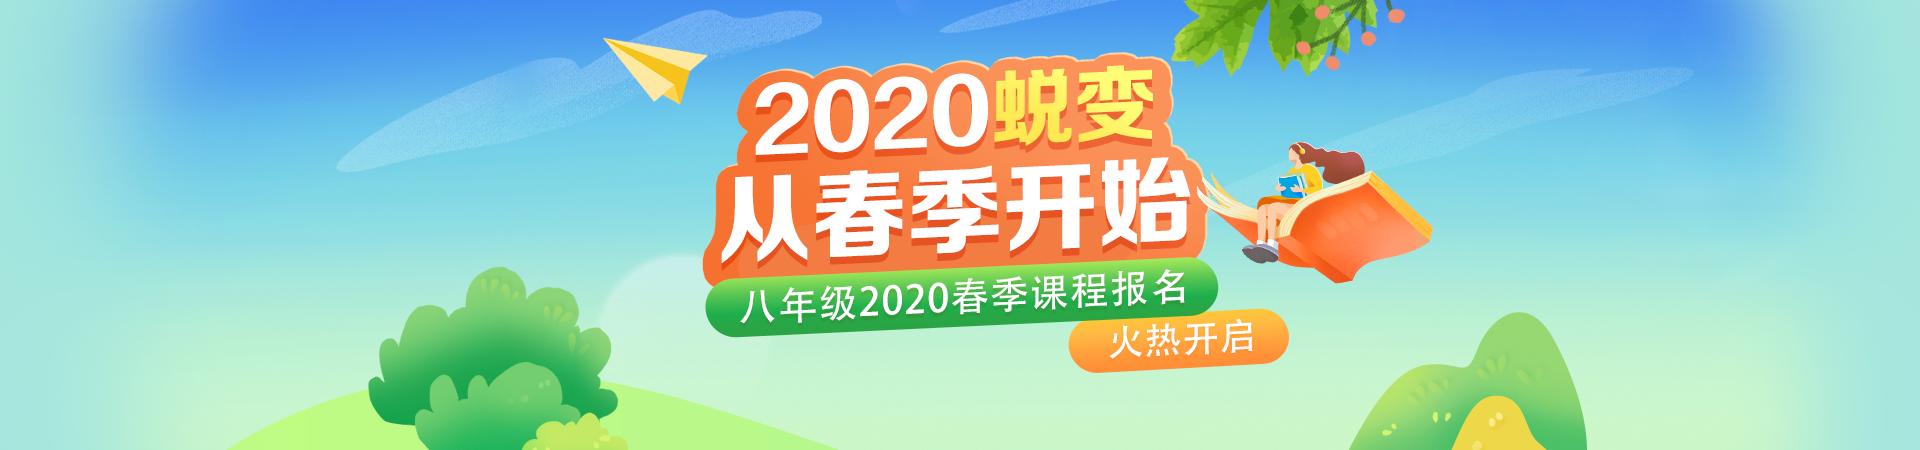 2020春季课程火热报名中